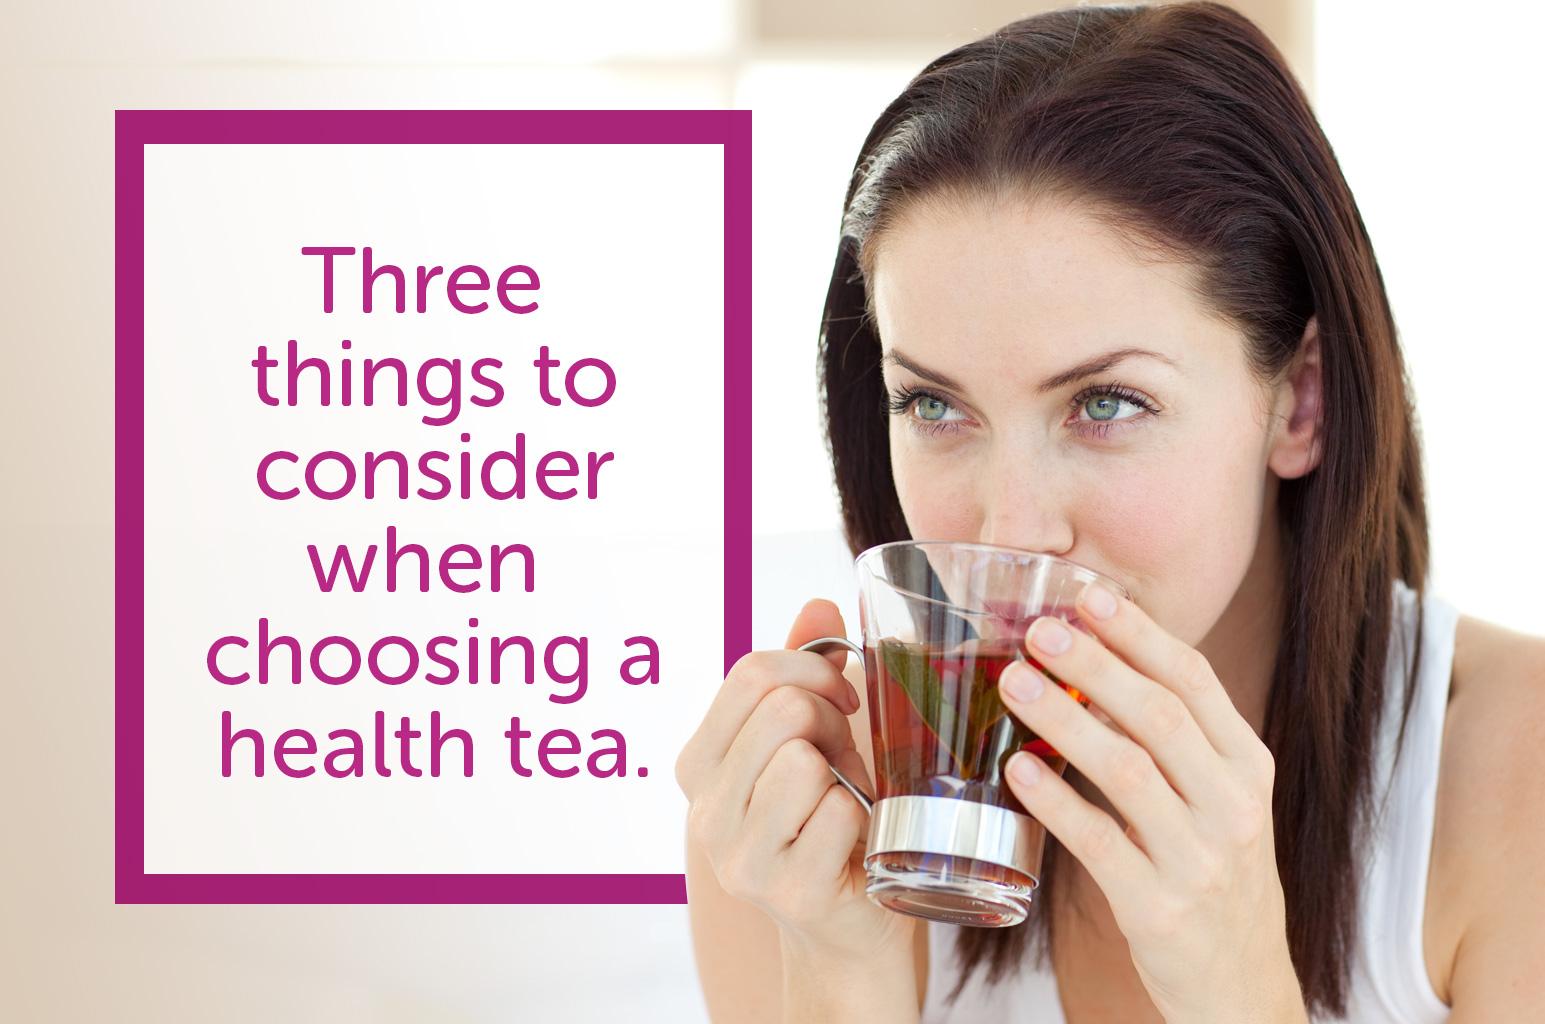 Three Things To Consider When Choosing a Health Tea